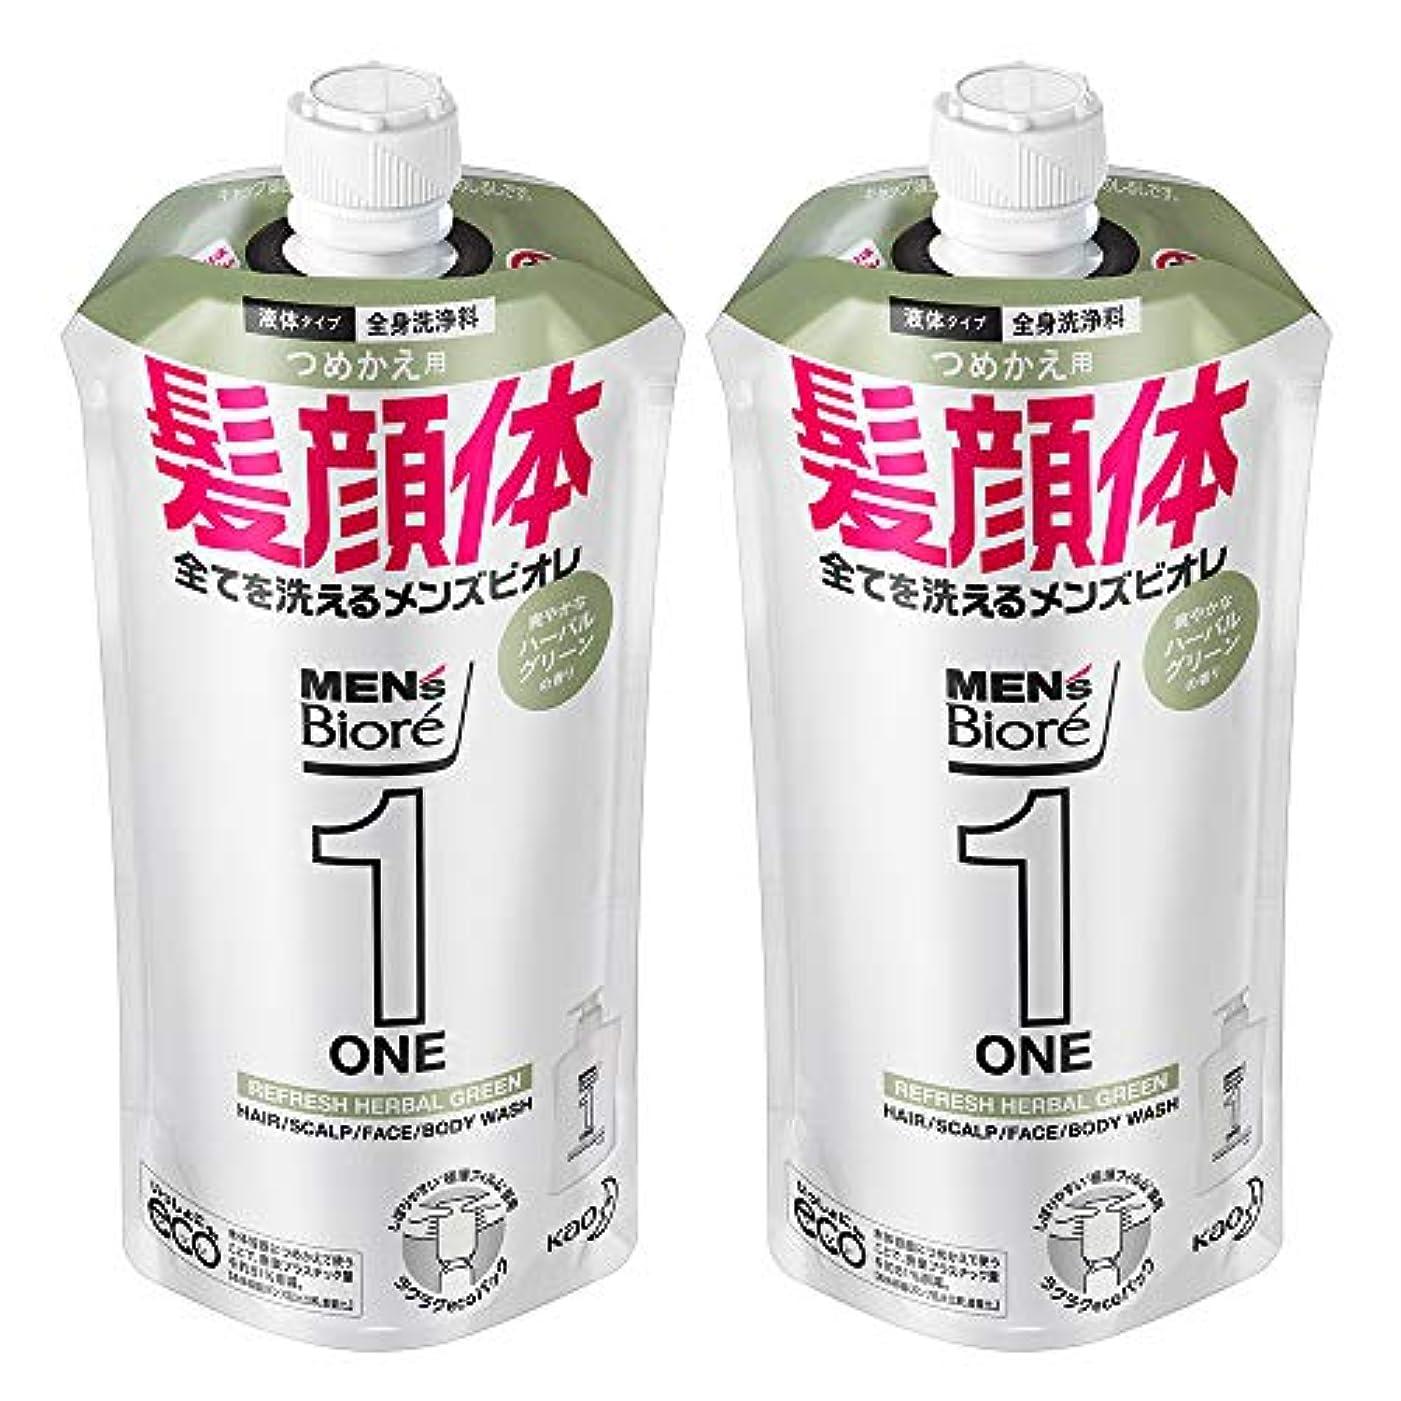 検査大胆な偉業【まとめ買い】メンズビオレ ONE オールインワン全身洗浄料 ハーバルグリーンの香り つめかえ用 340ml×2個